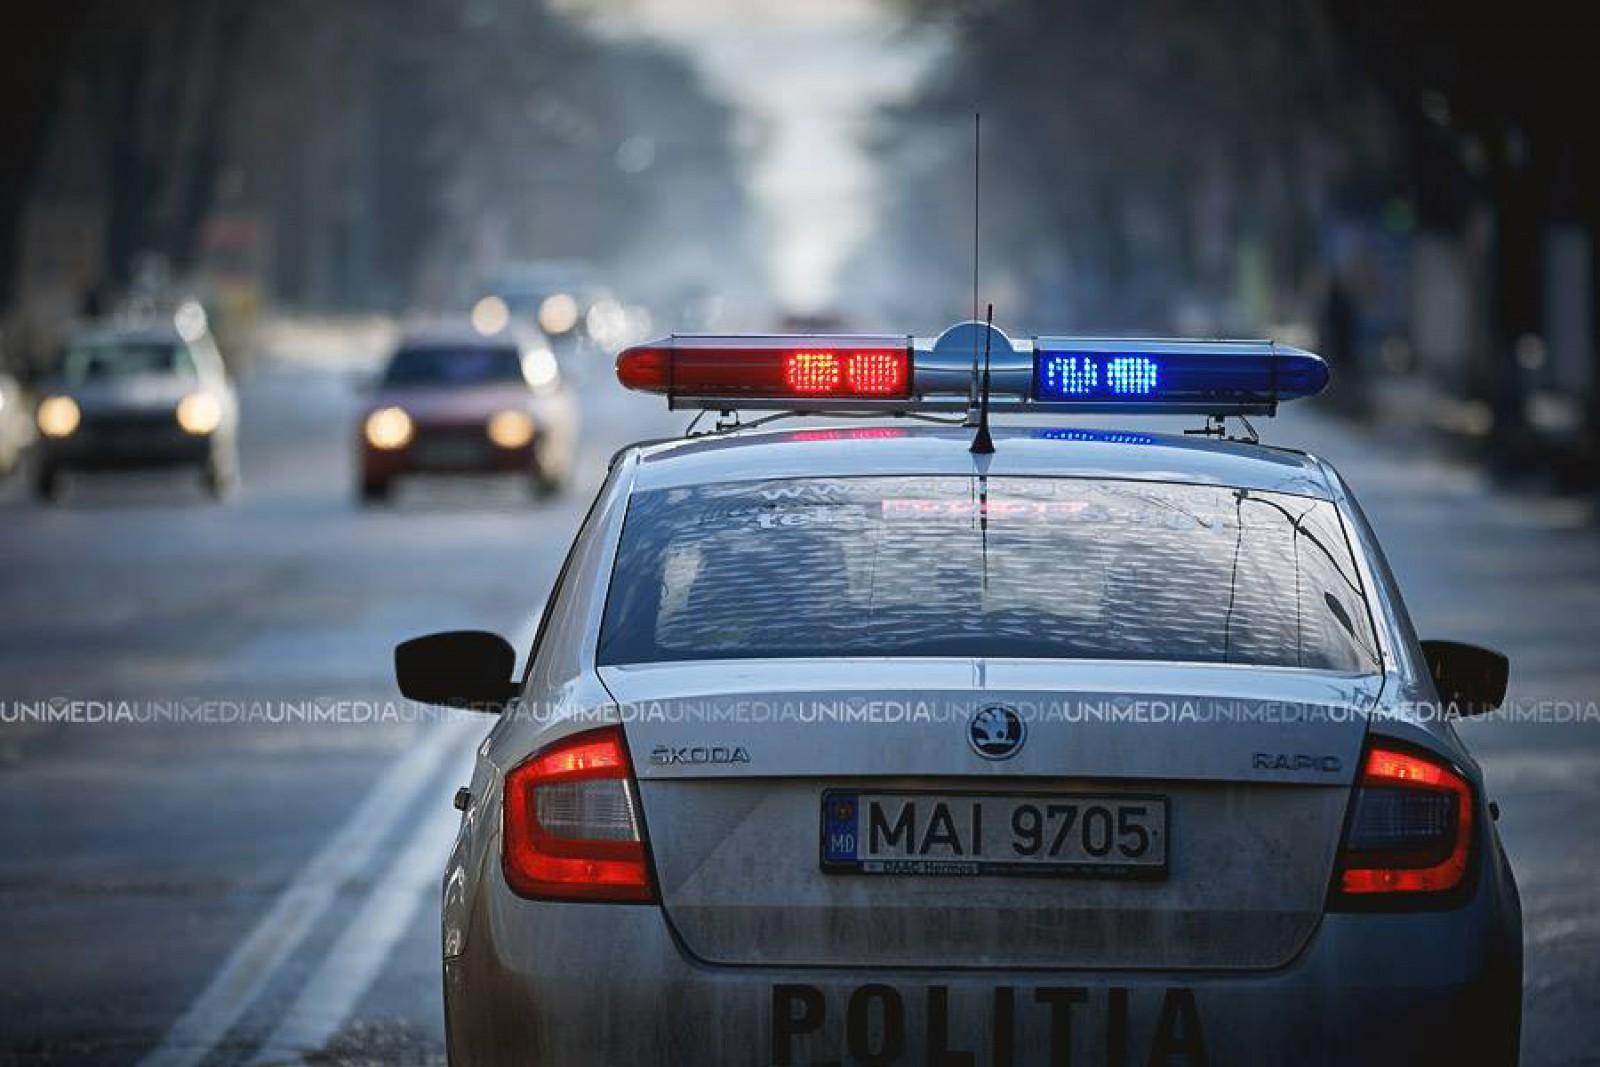 """(video) Un tânăr a intrat într-o maşină a INP """"crezând"""" că este un taximetru. Reacţia inspectorilor"""